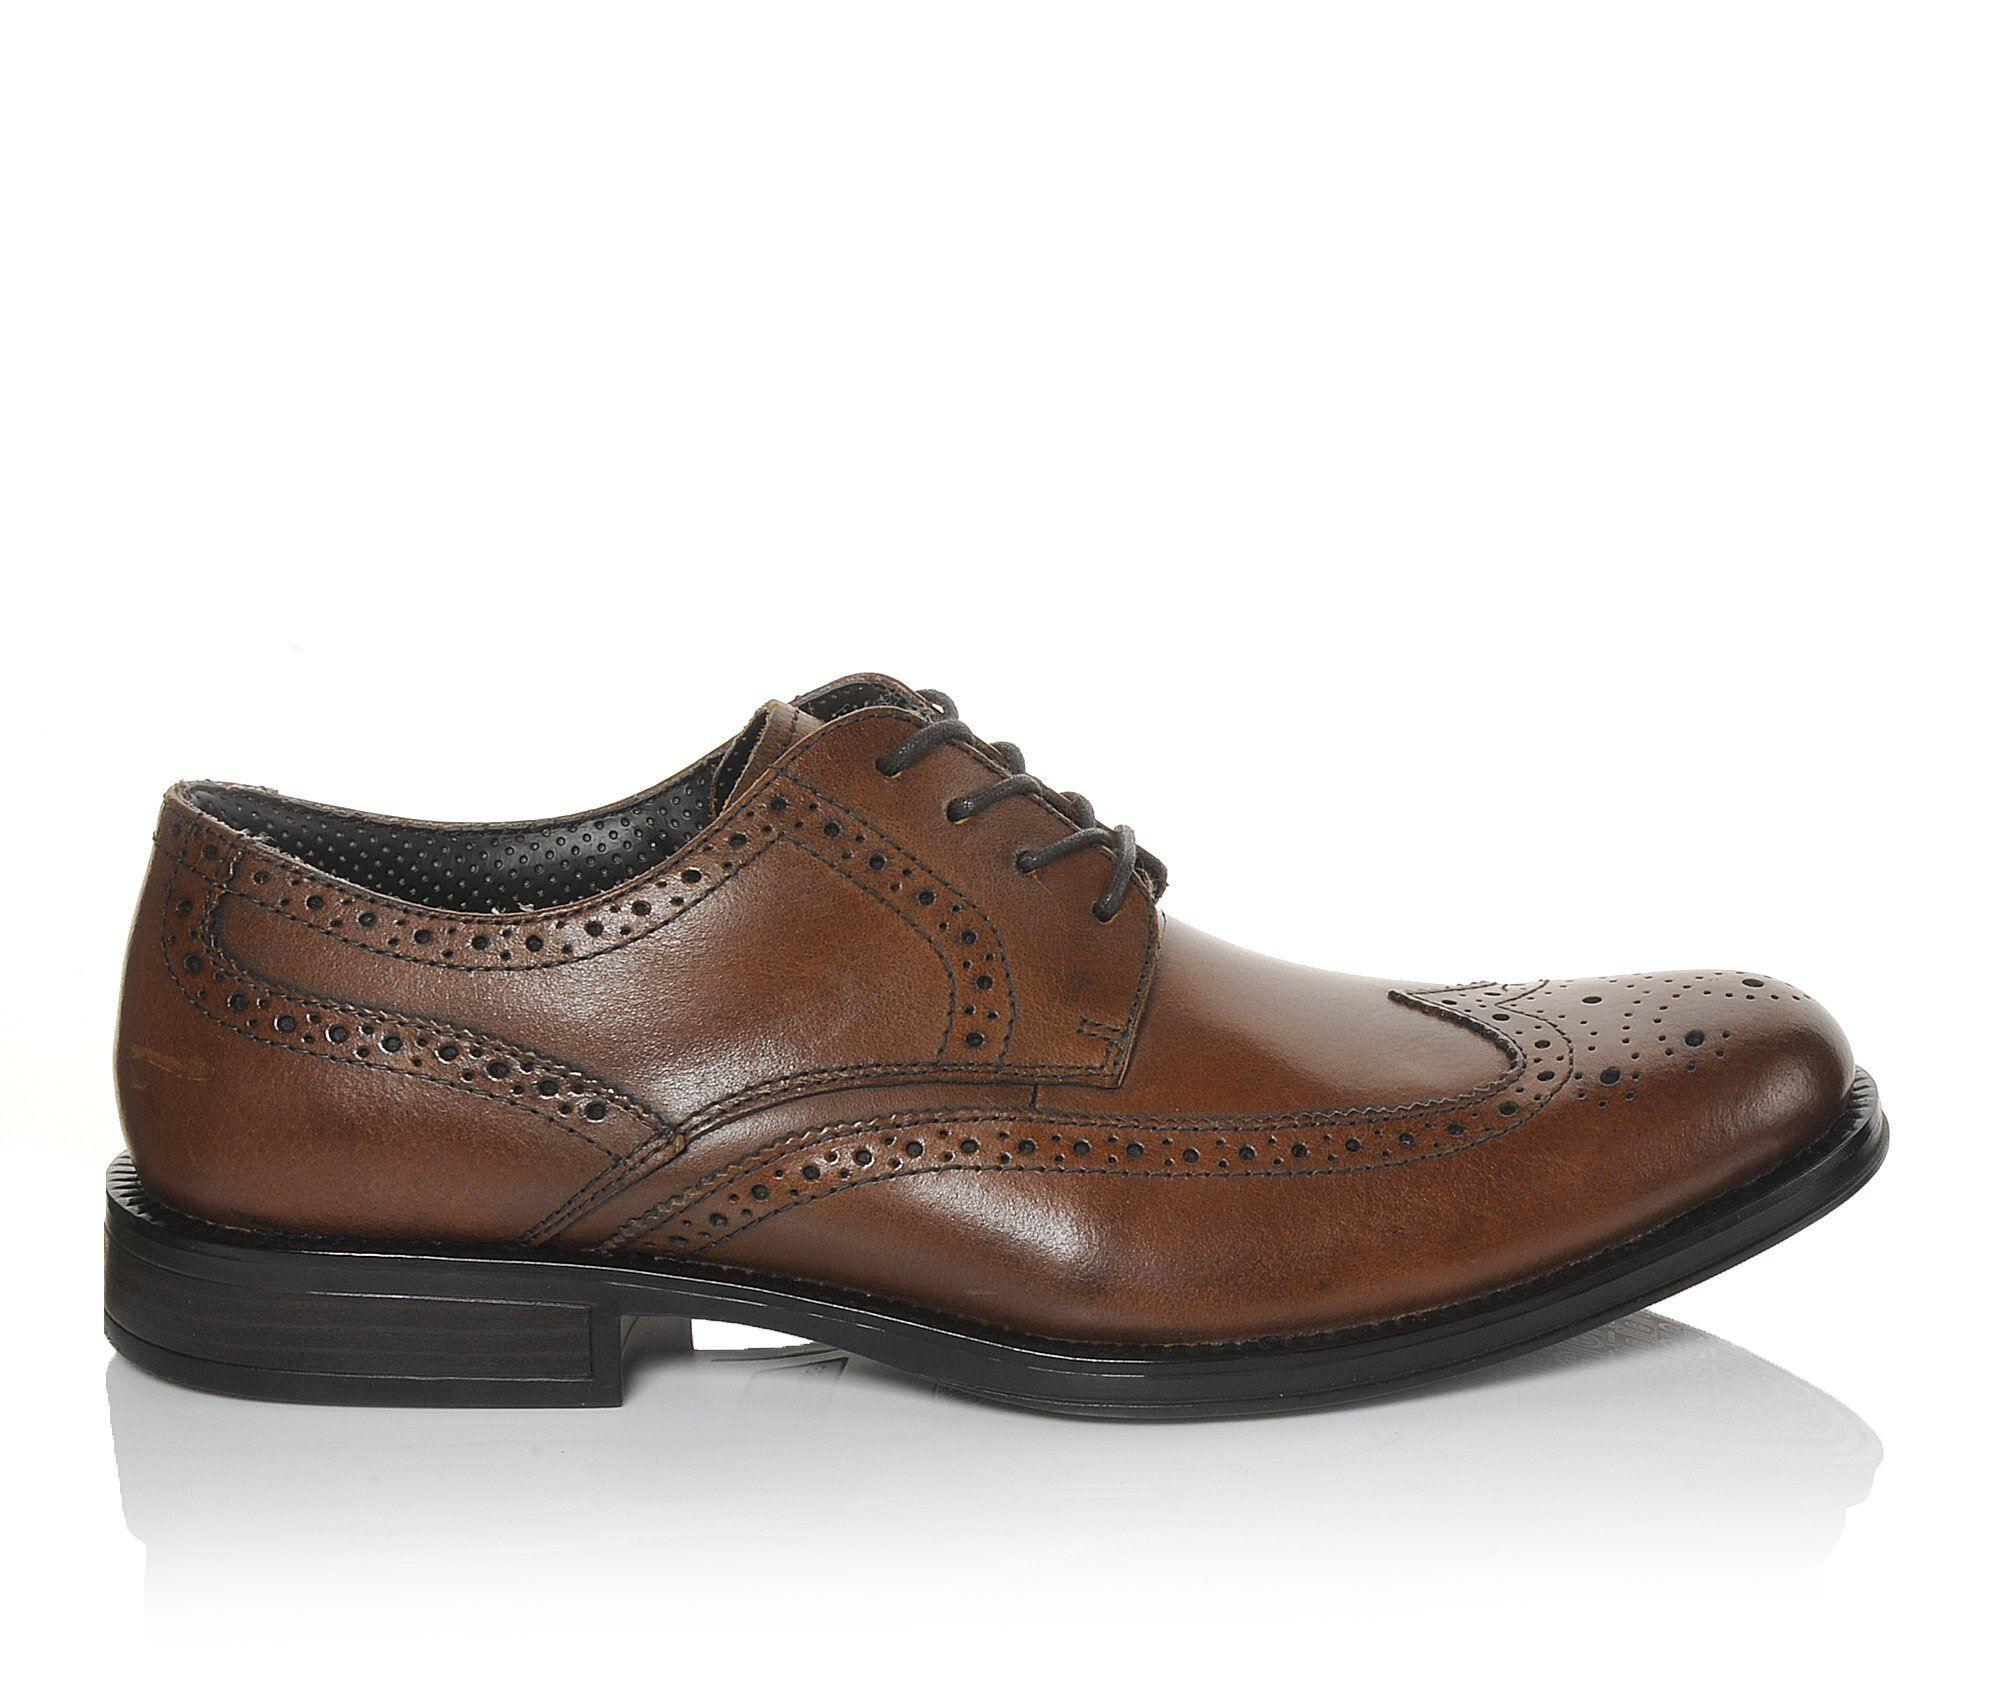 Men's Dockers Moritz Wing Tip Dress Shoes Dark Tan